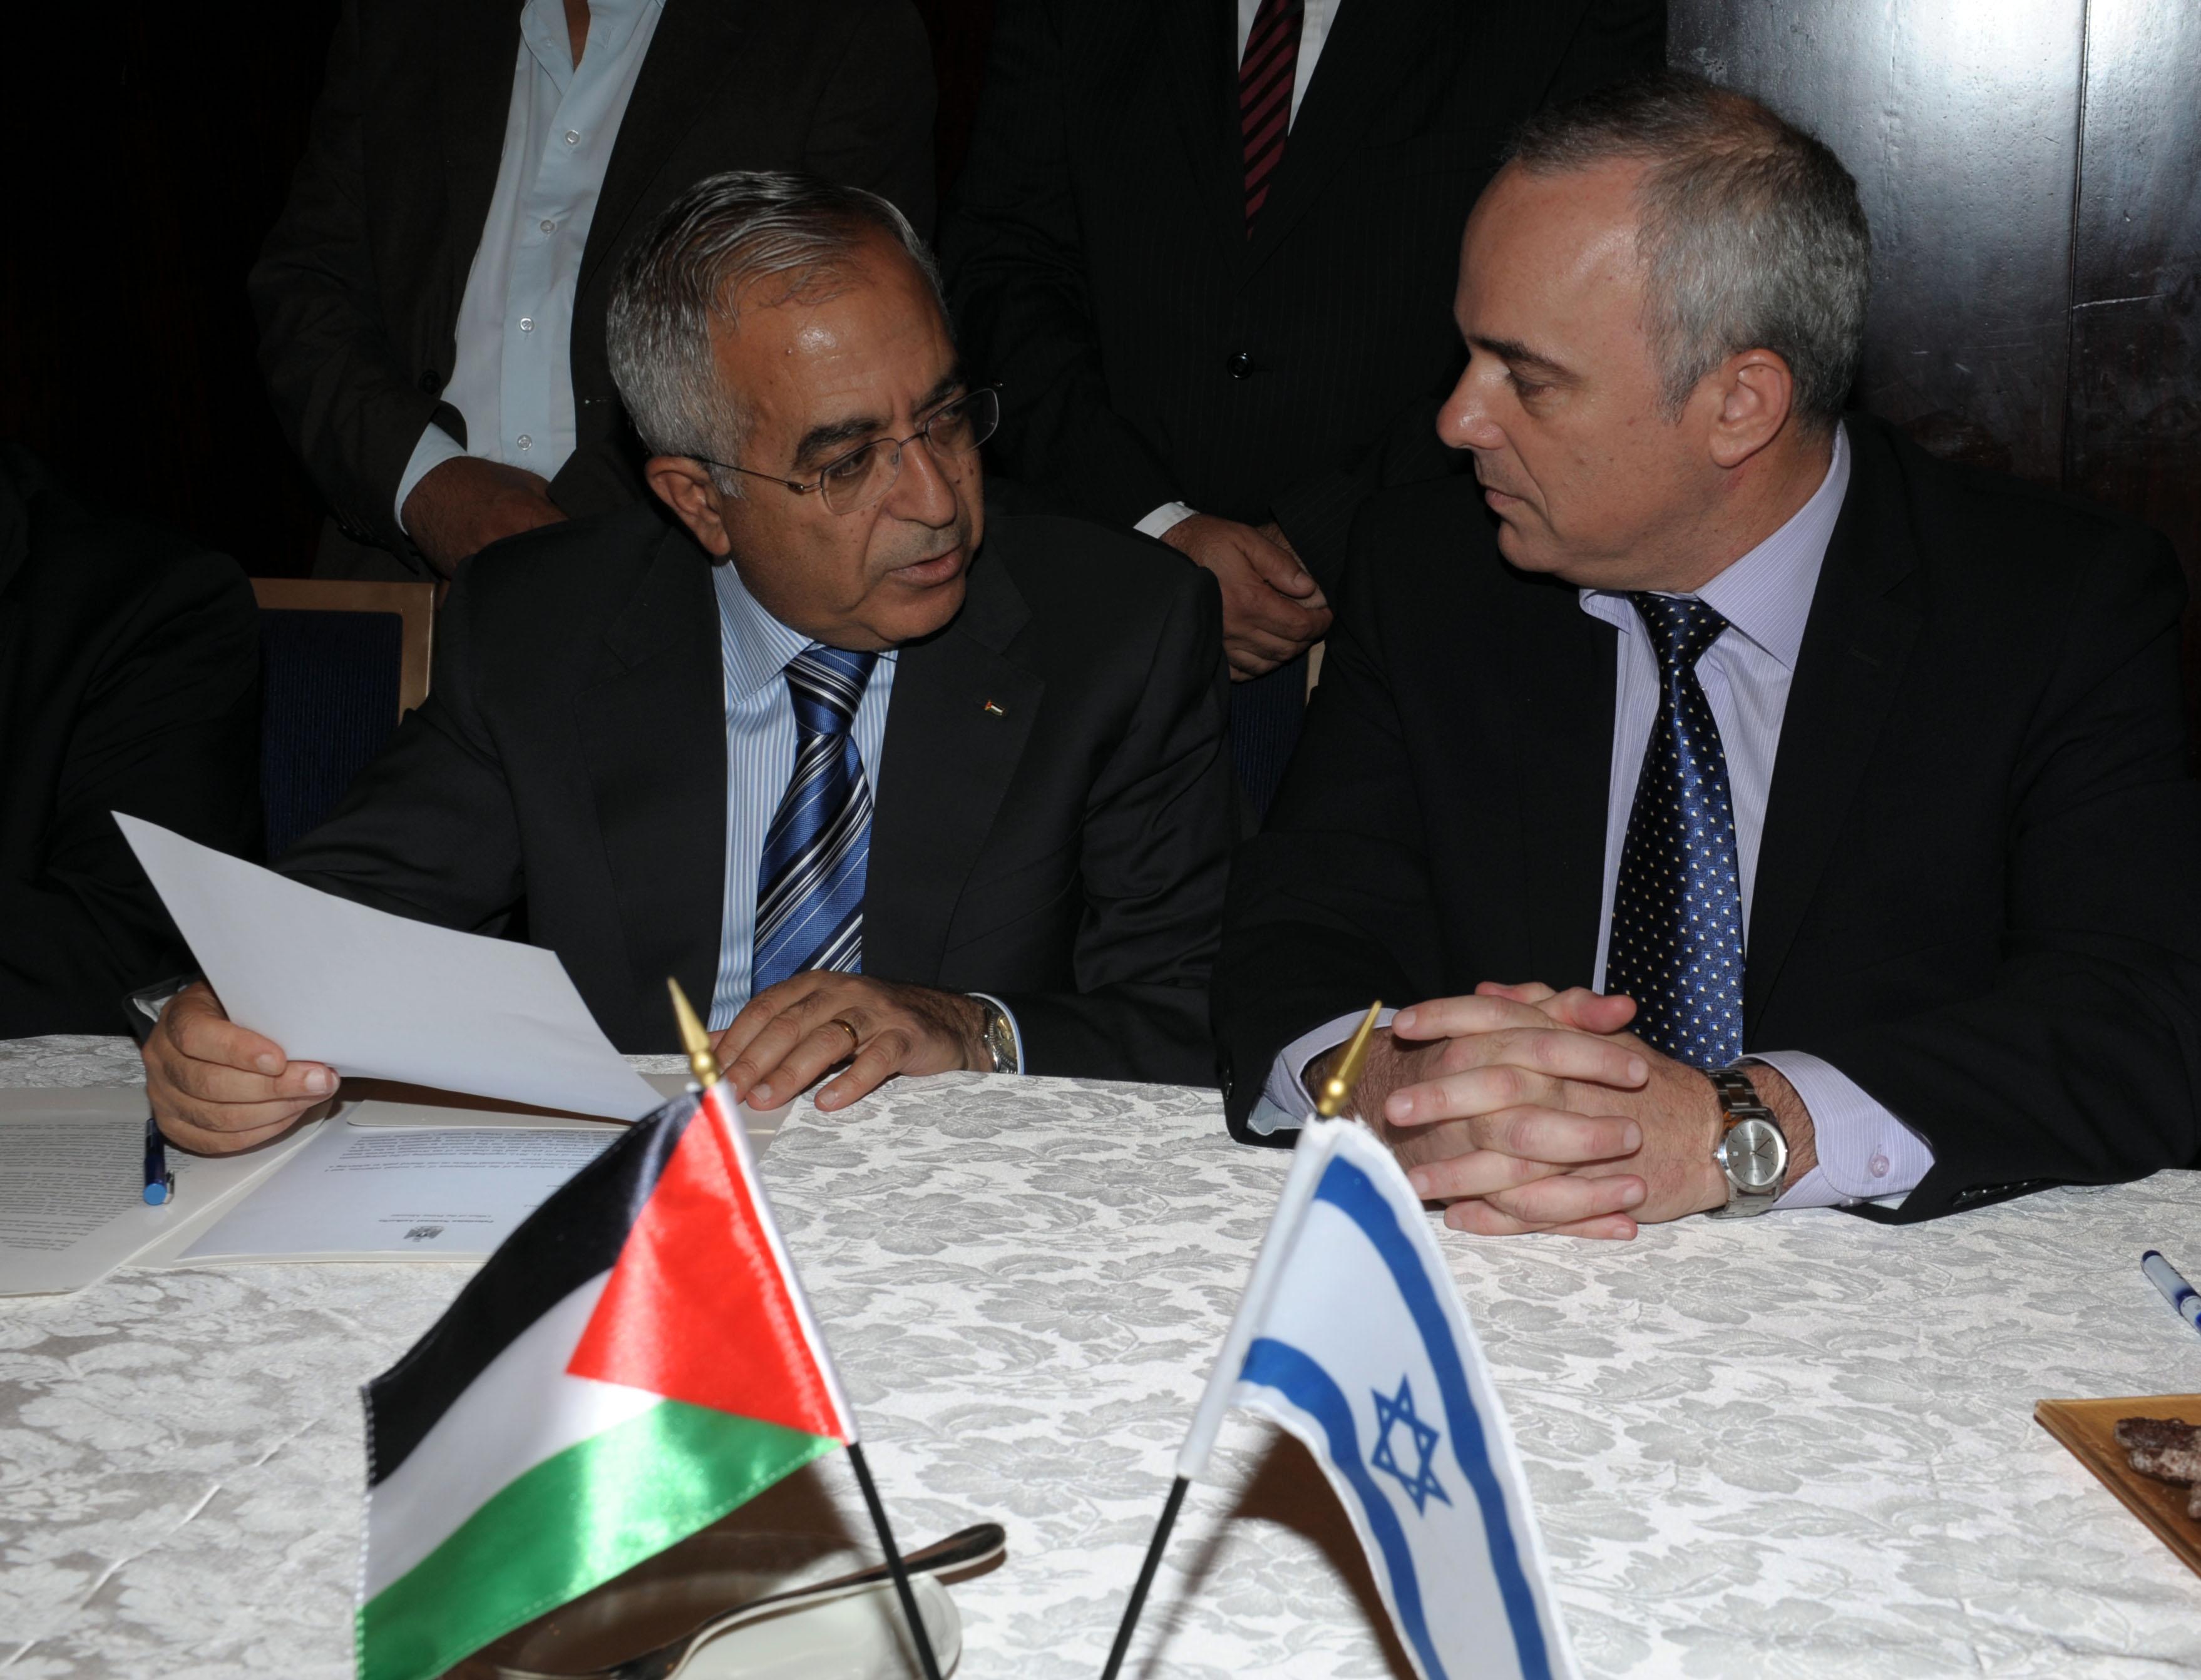 """שטייניץ ופיאד סיכמו הסדרי מעבר סחורות ומיסוי בין ישראל לרש""""פ"""